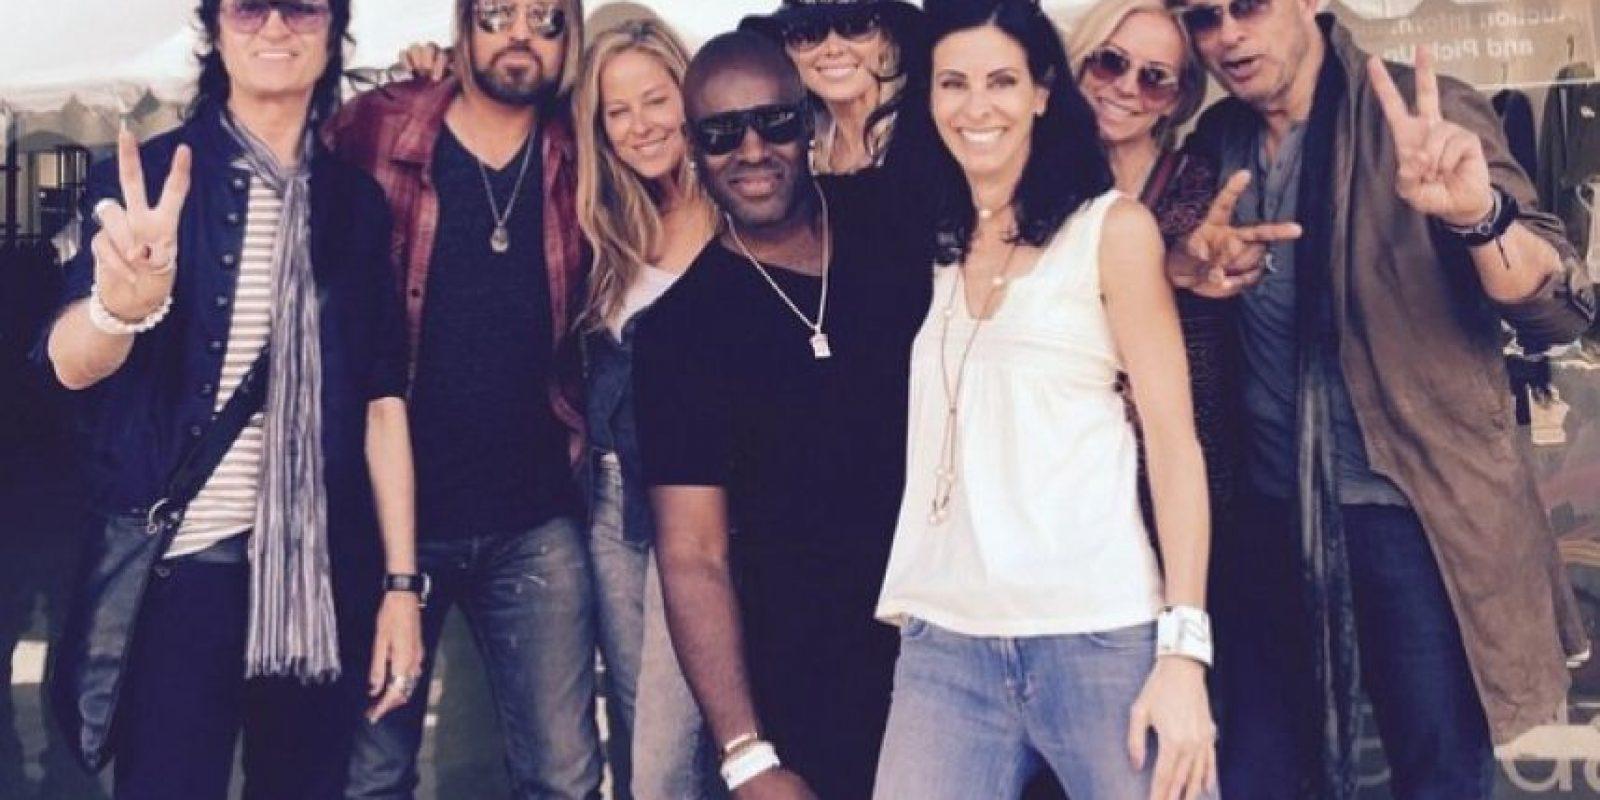 En semanas anteriores, surgieron rumores sobre los planes de boda entre Kris Jenner y Gamble. Foto:vía instagram.com/krisjenner